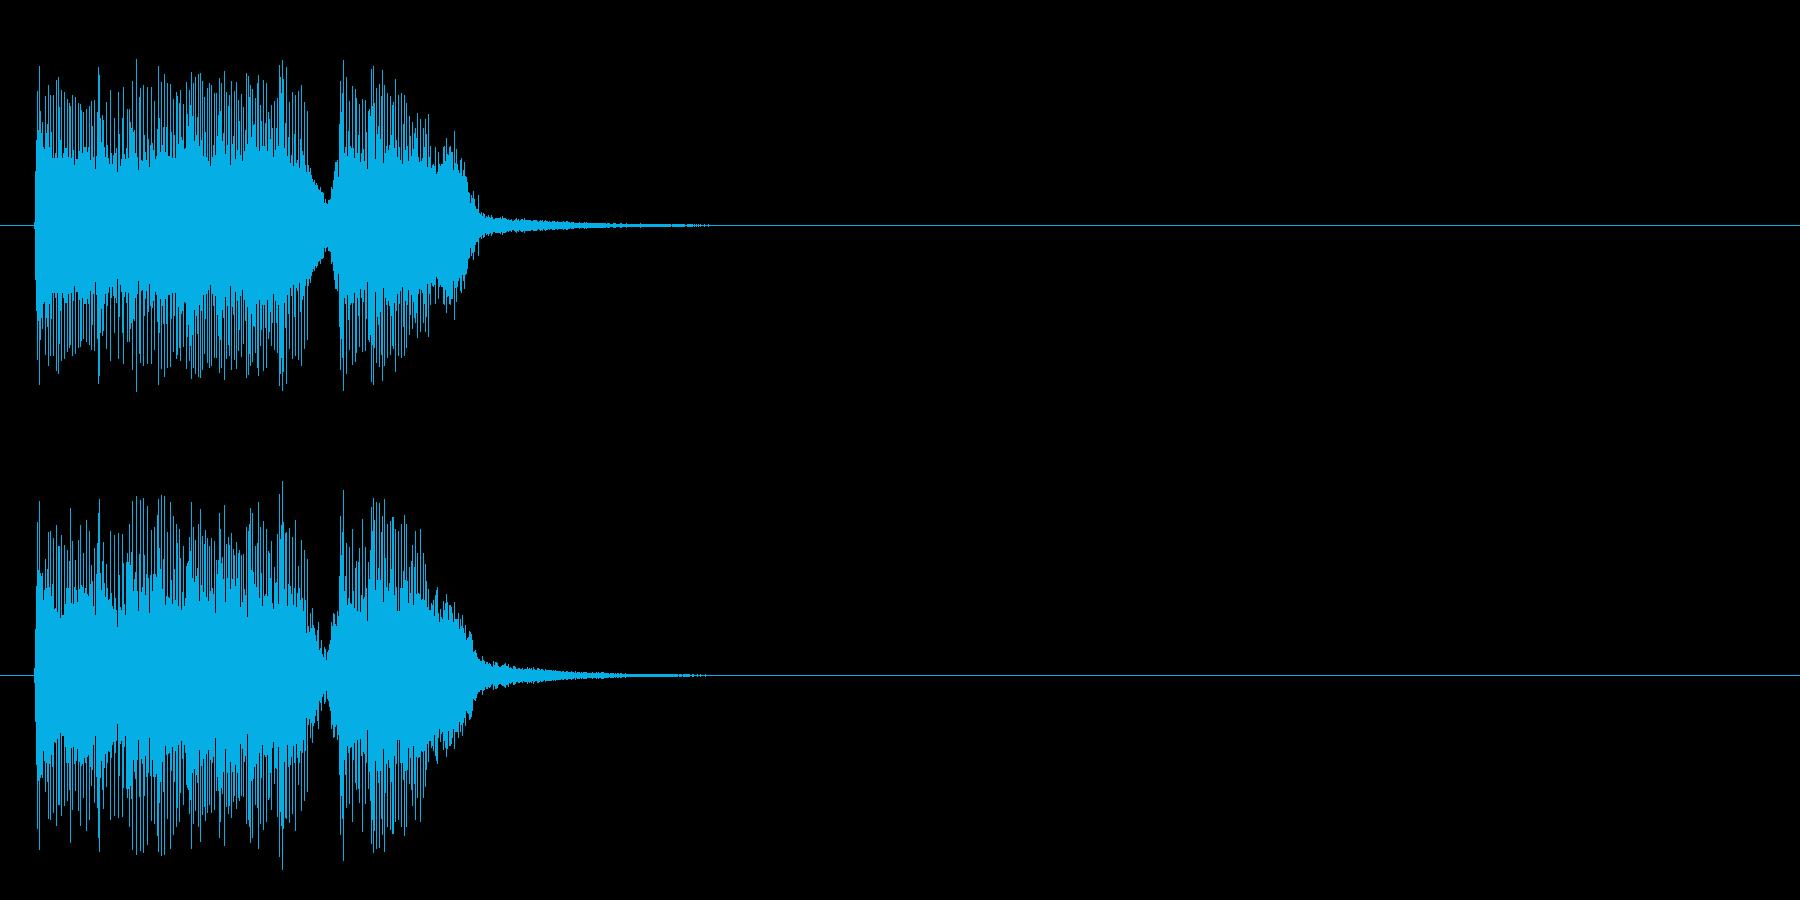 ジングル/アタック(ロック/ハード)の再生済みの波形